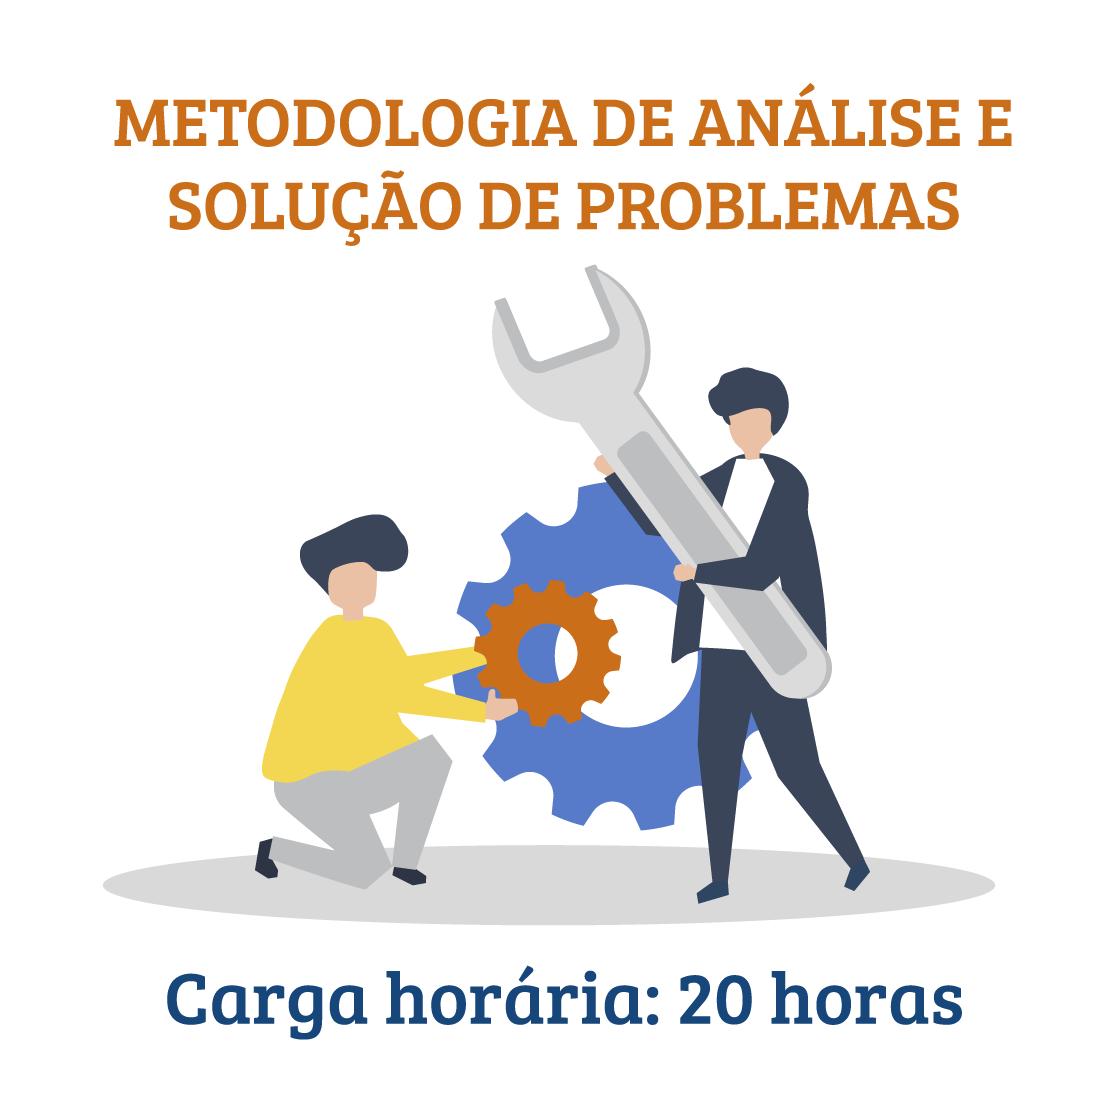 Metodologia de Análise e Solução de Problemas